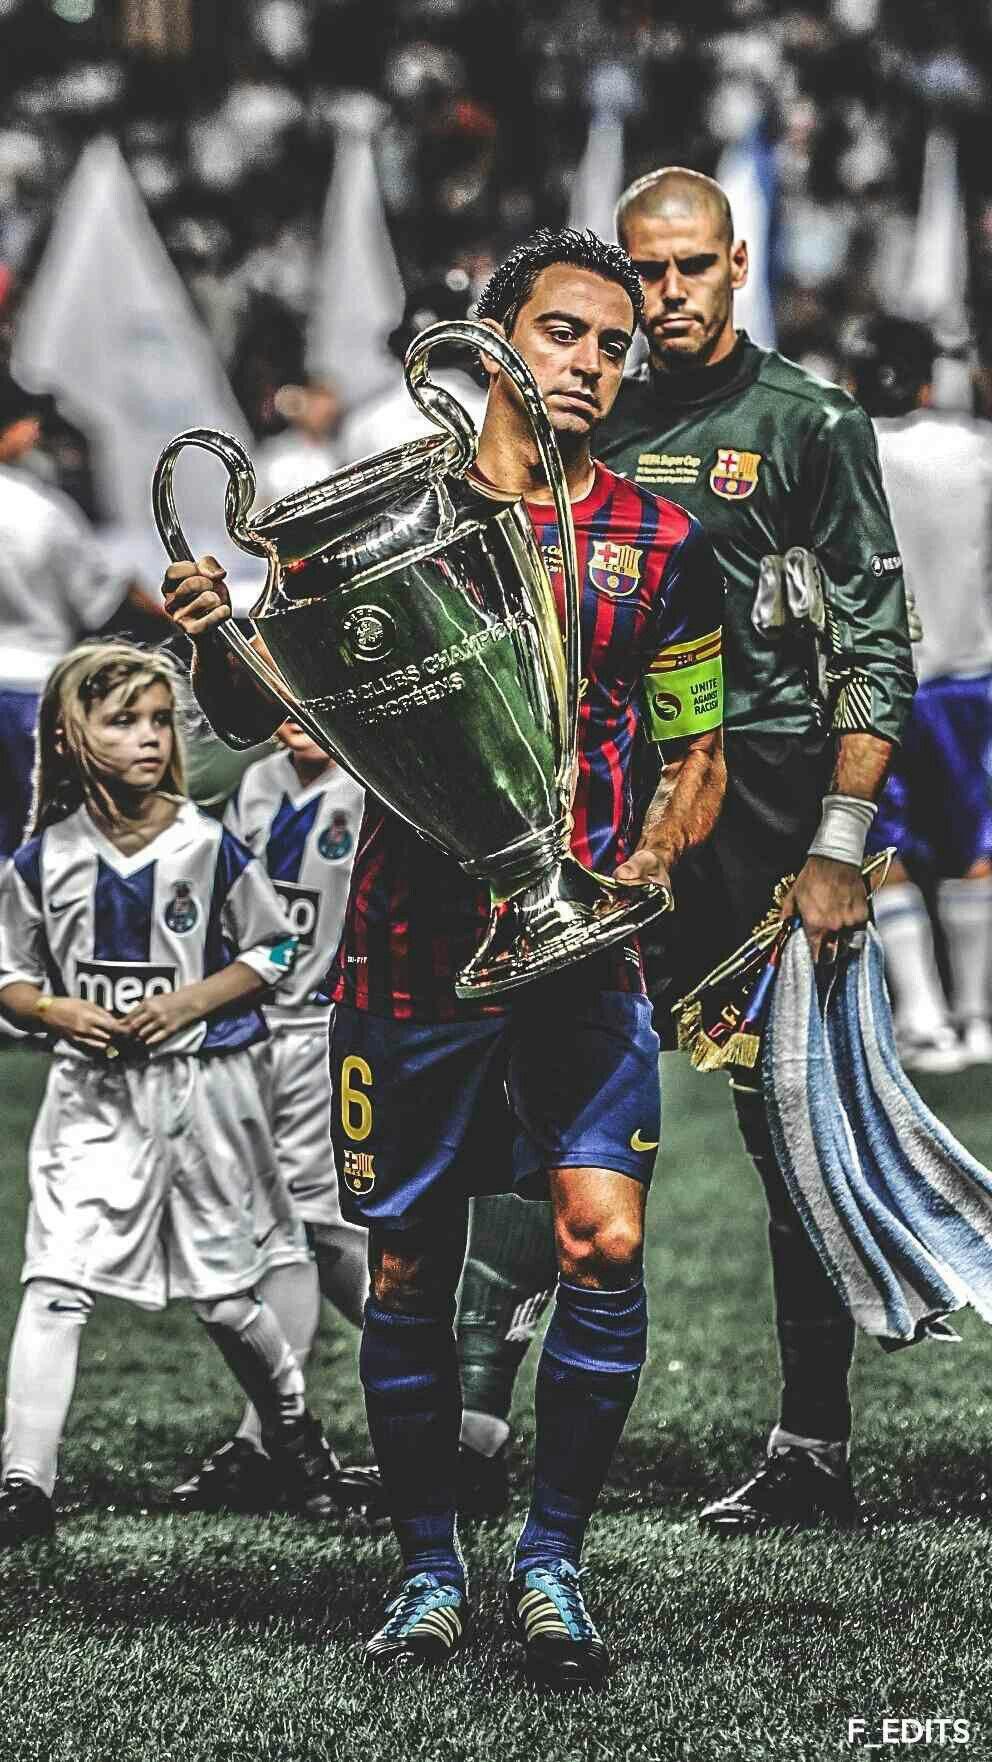 Pin De Han Em Barcelona Wallpaper Wallpaper De Futebol Fotografia De Futebol Jogadores De Futebol